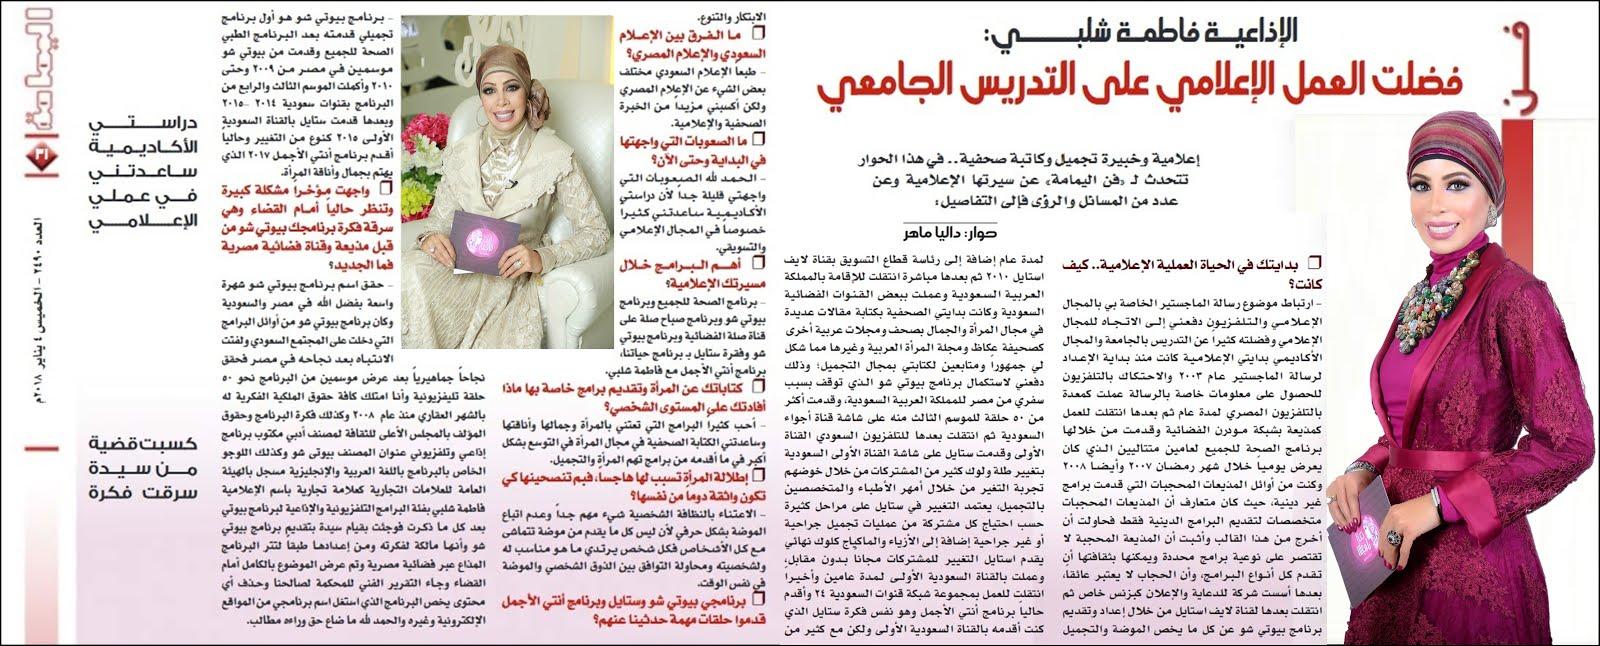 حوار بمجلة اليمامة عدد 2490 بتاريخ 4 يناير 2018